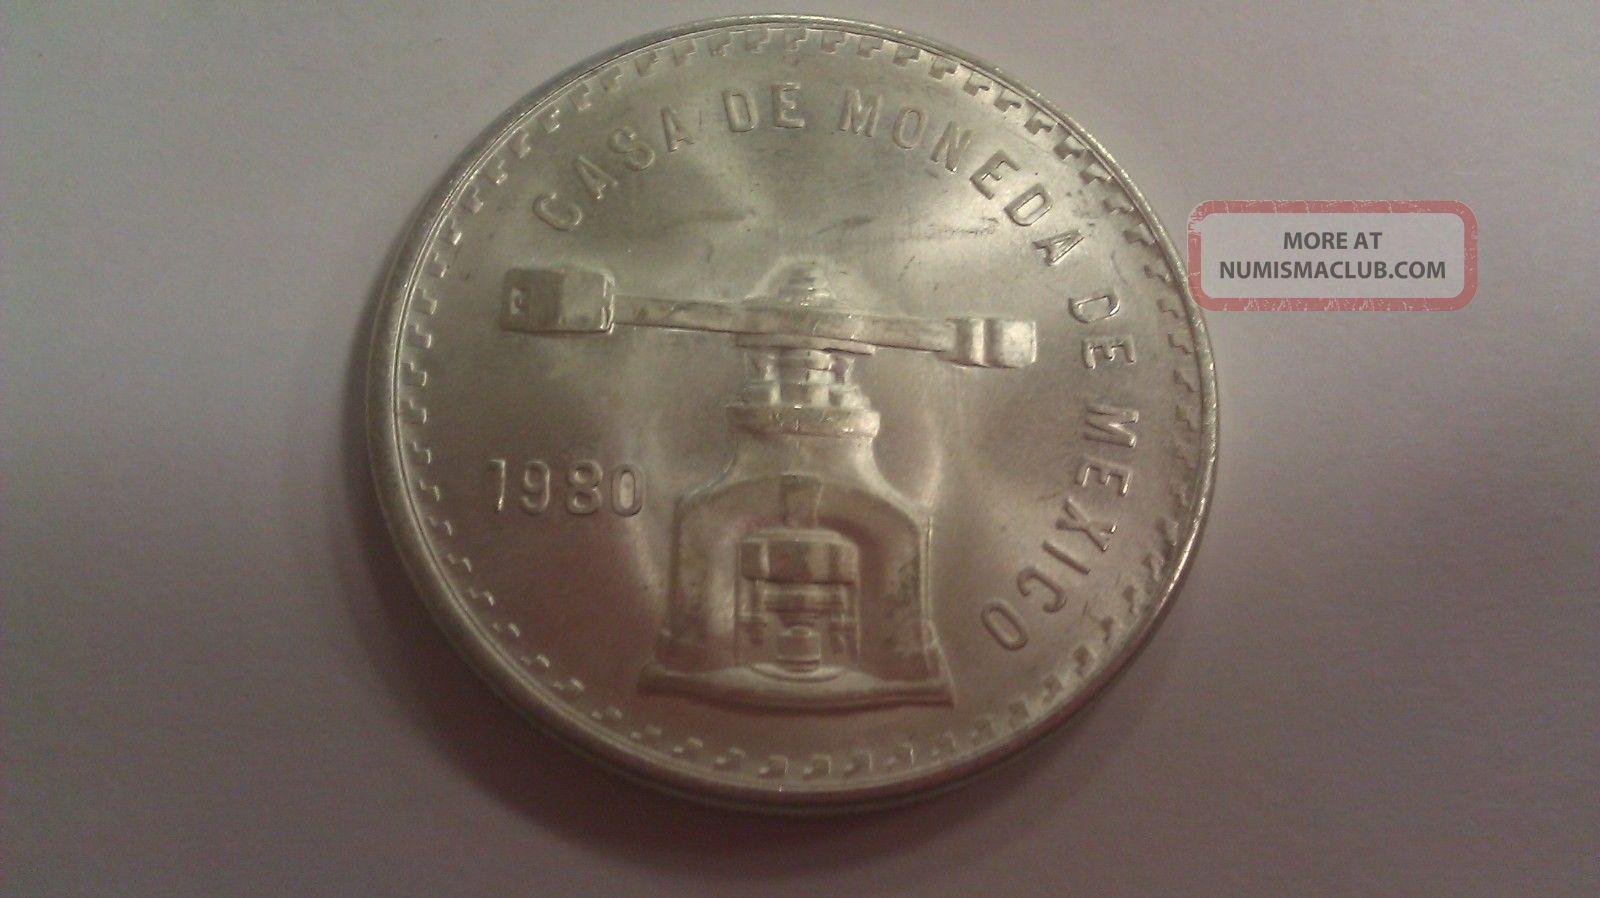 1980 Casa De Moneda De Mexico Una Onza Troy De Plata Pura